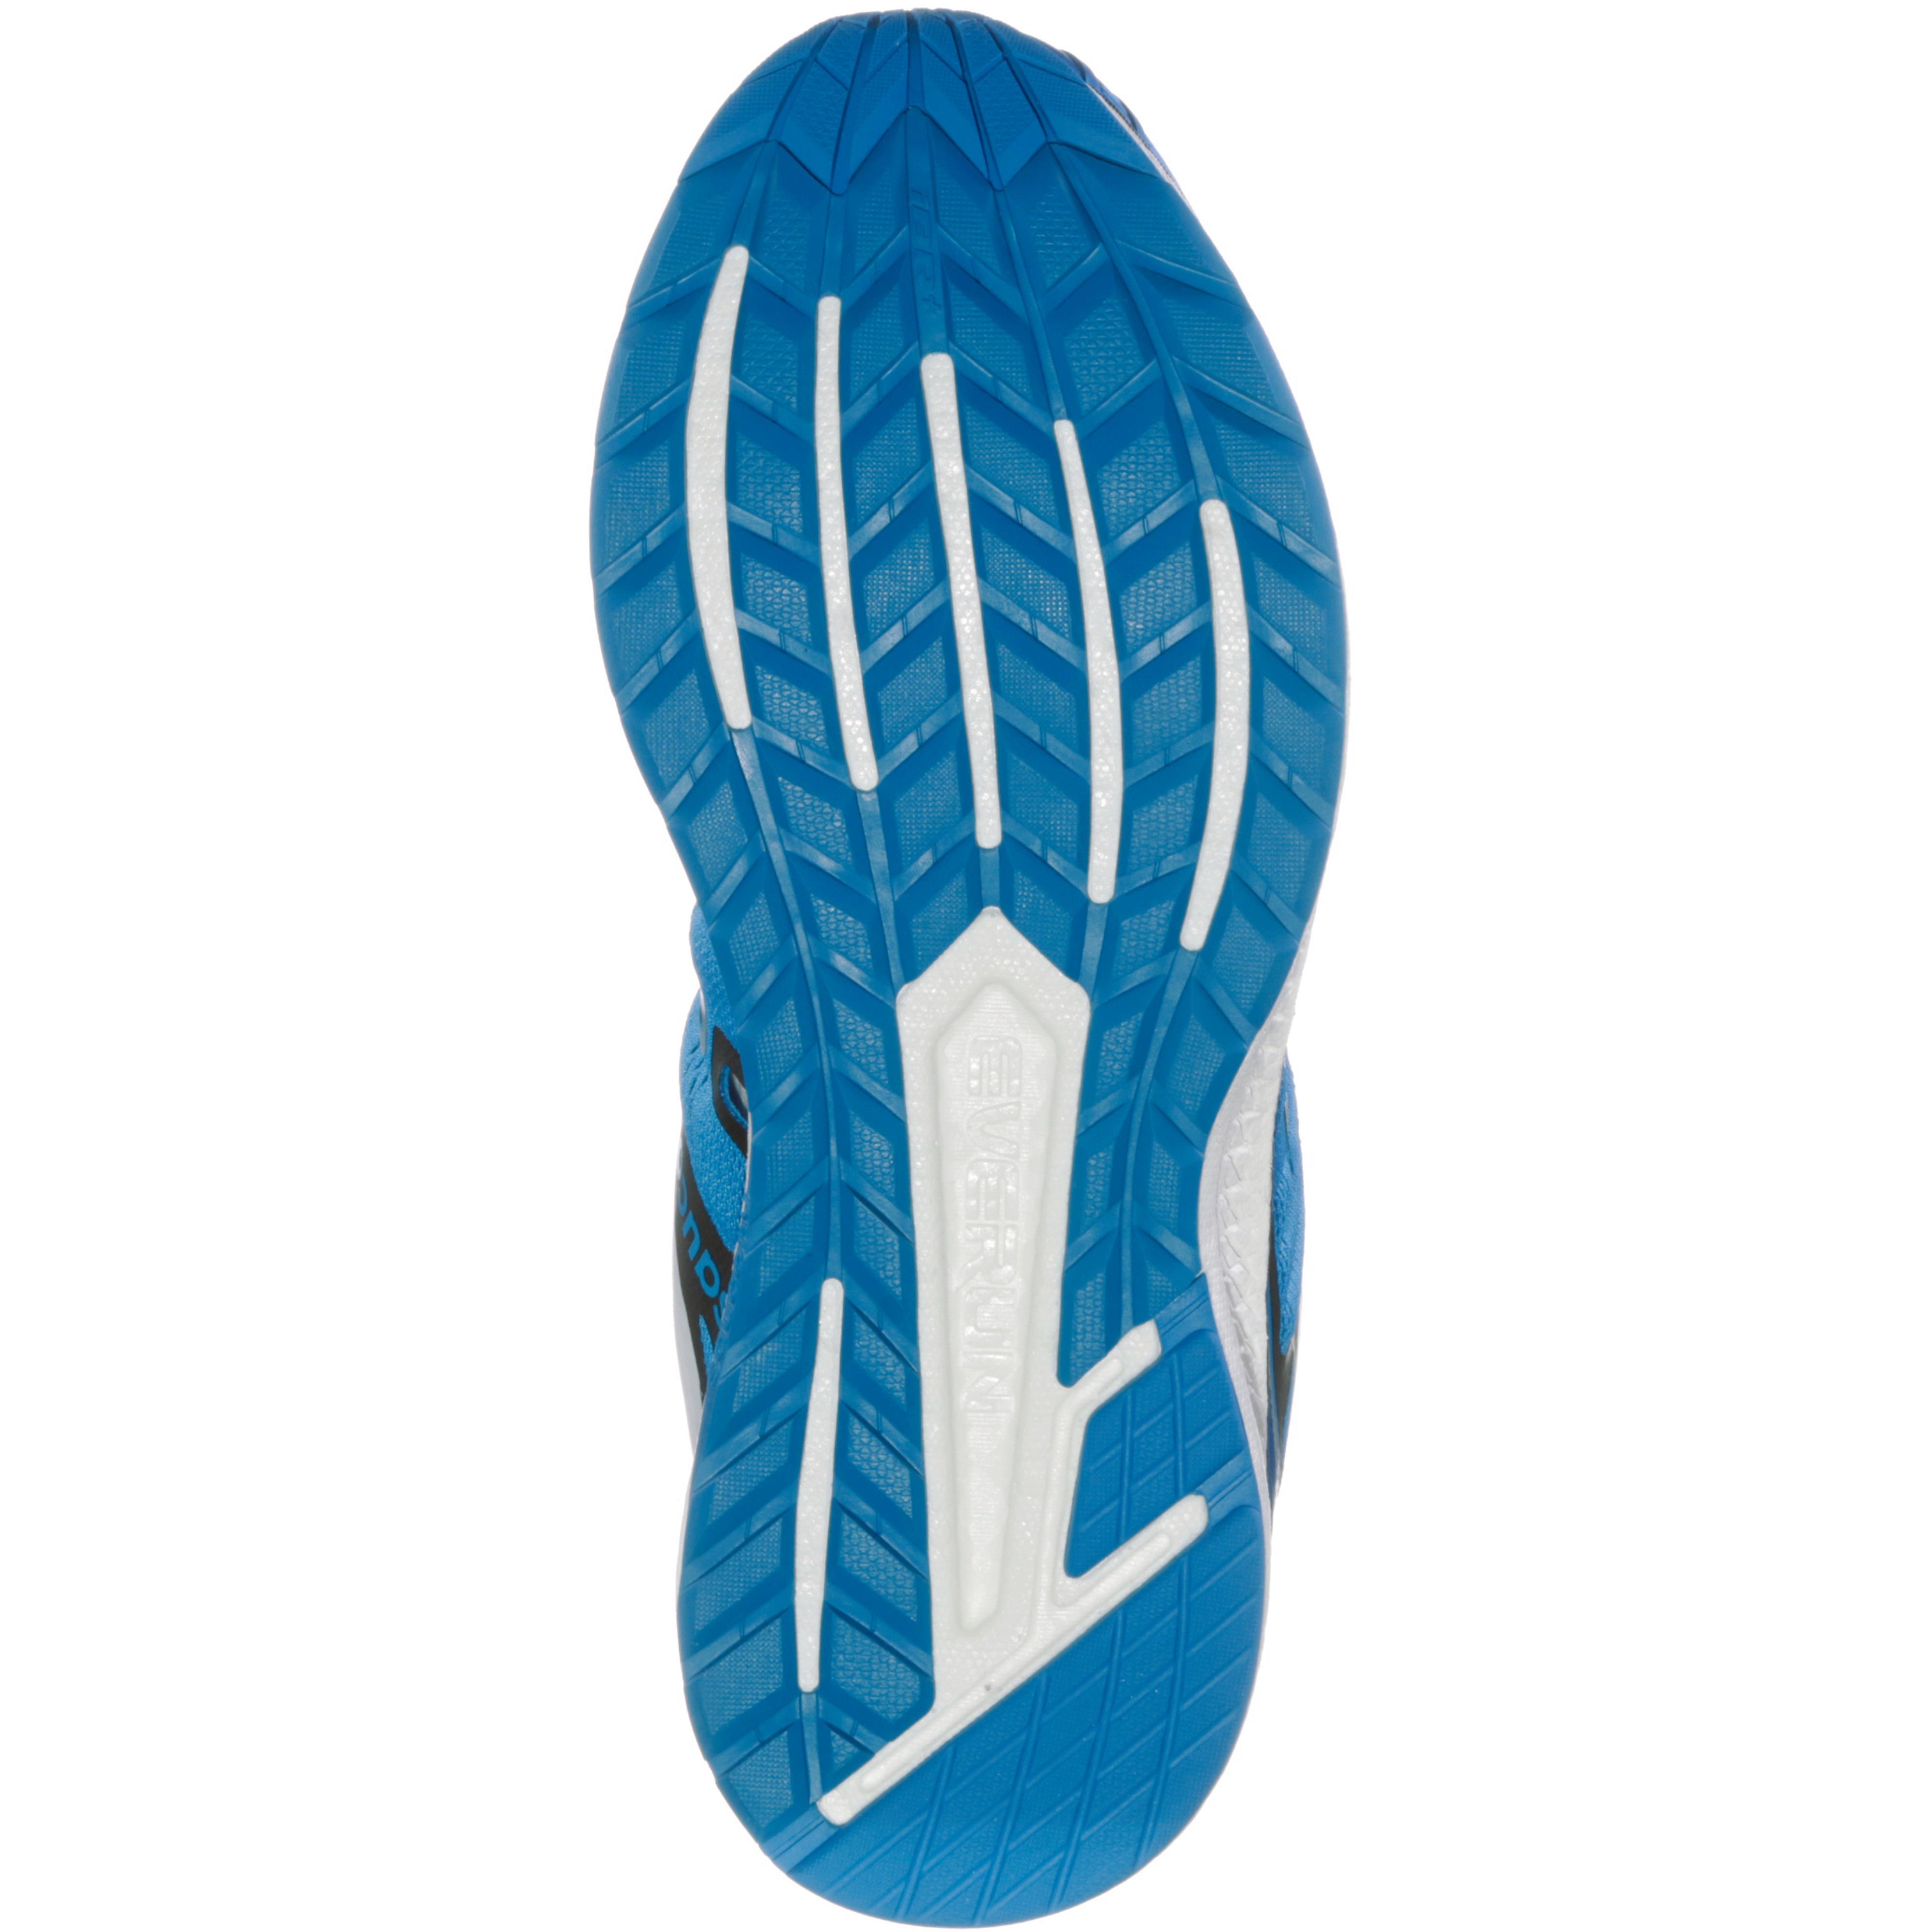 Saucony Triumph ISO ISO ISO 4 Laufschuhe Herren blue-black-white im Online Shop von SportScheck kaufen Gute Qualität beliebte Schuhe 520b9e